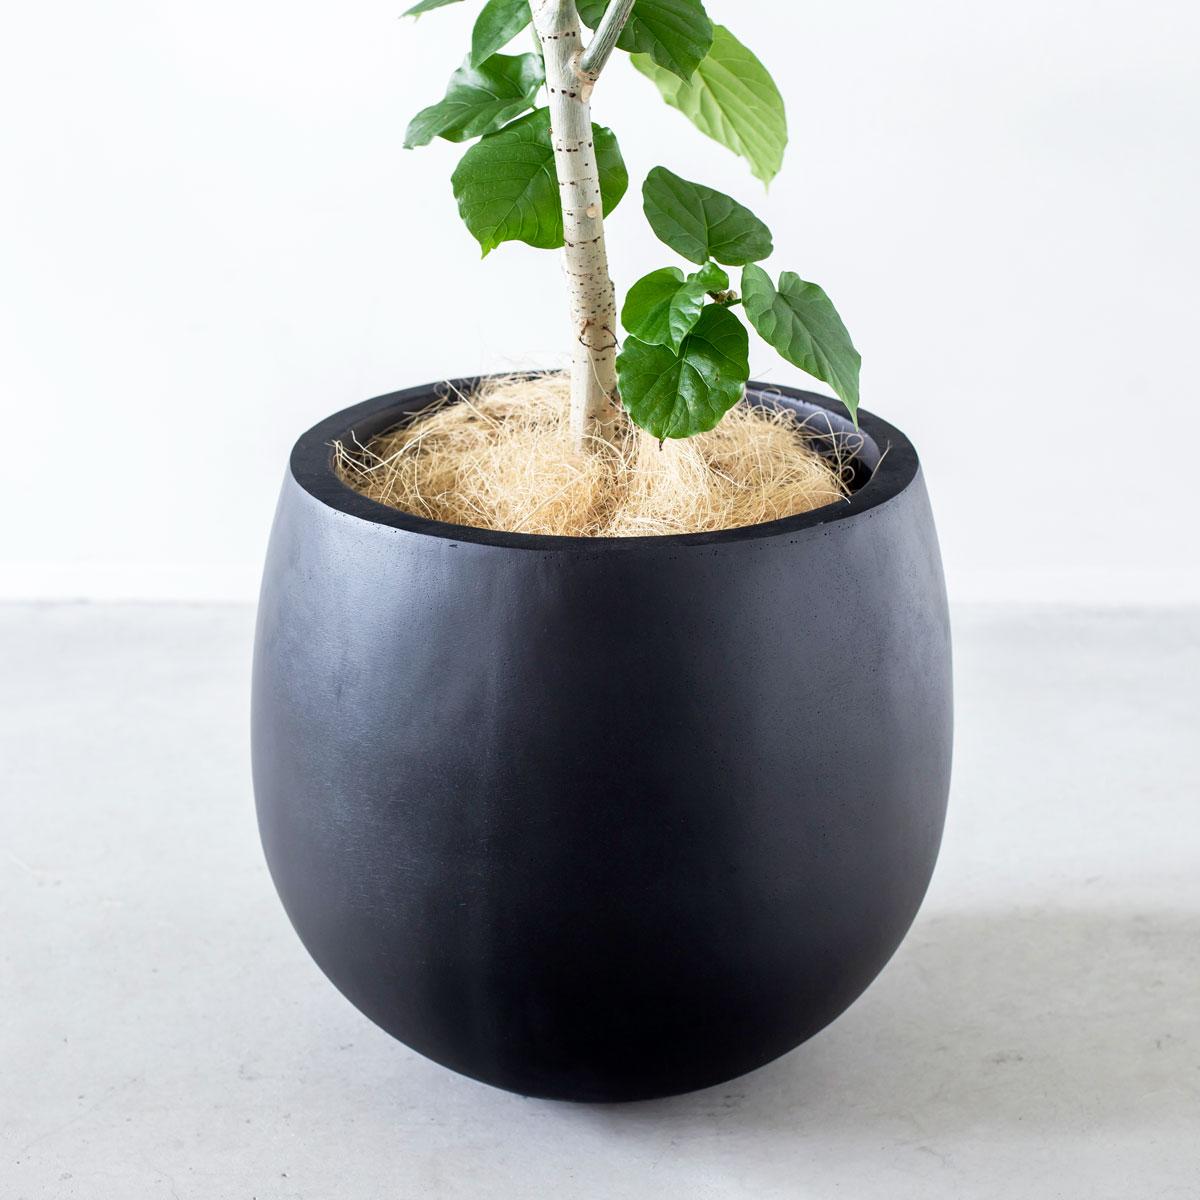 ハイセンスなデザイン - 素敵な観葉植物にするためには、容れ物にもこだわらなければなりません。Botanismでは、植物だけでなく鉢もこだわって厳選。また、お祝い用のプレートもワンランク上のものを選び、洗練された印象を与えるようなグリーンギフトに仕上げています。受け取った人に喜ばれ、そしてずっと置いてもらえるプレゼントです。